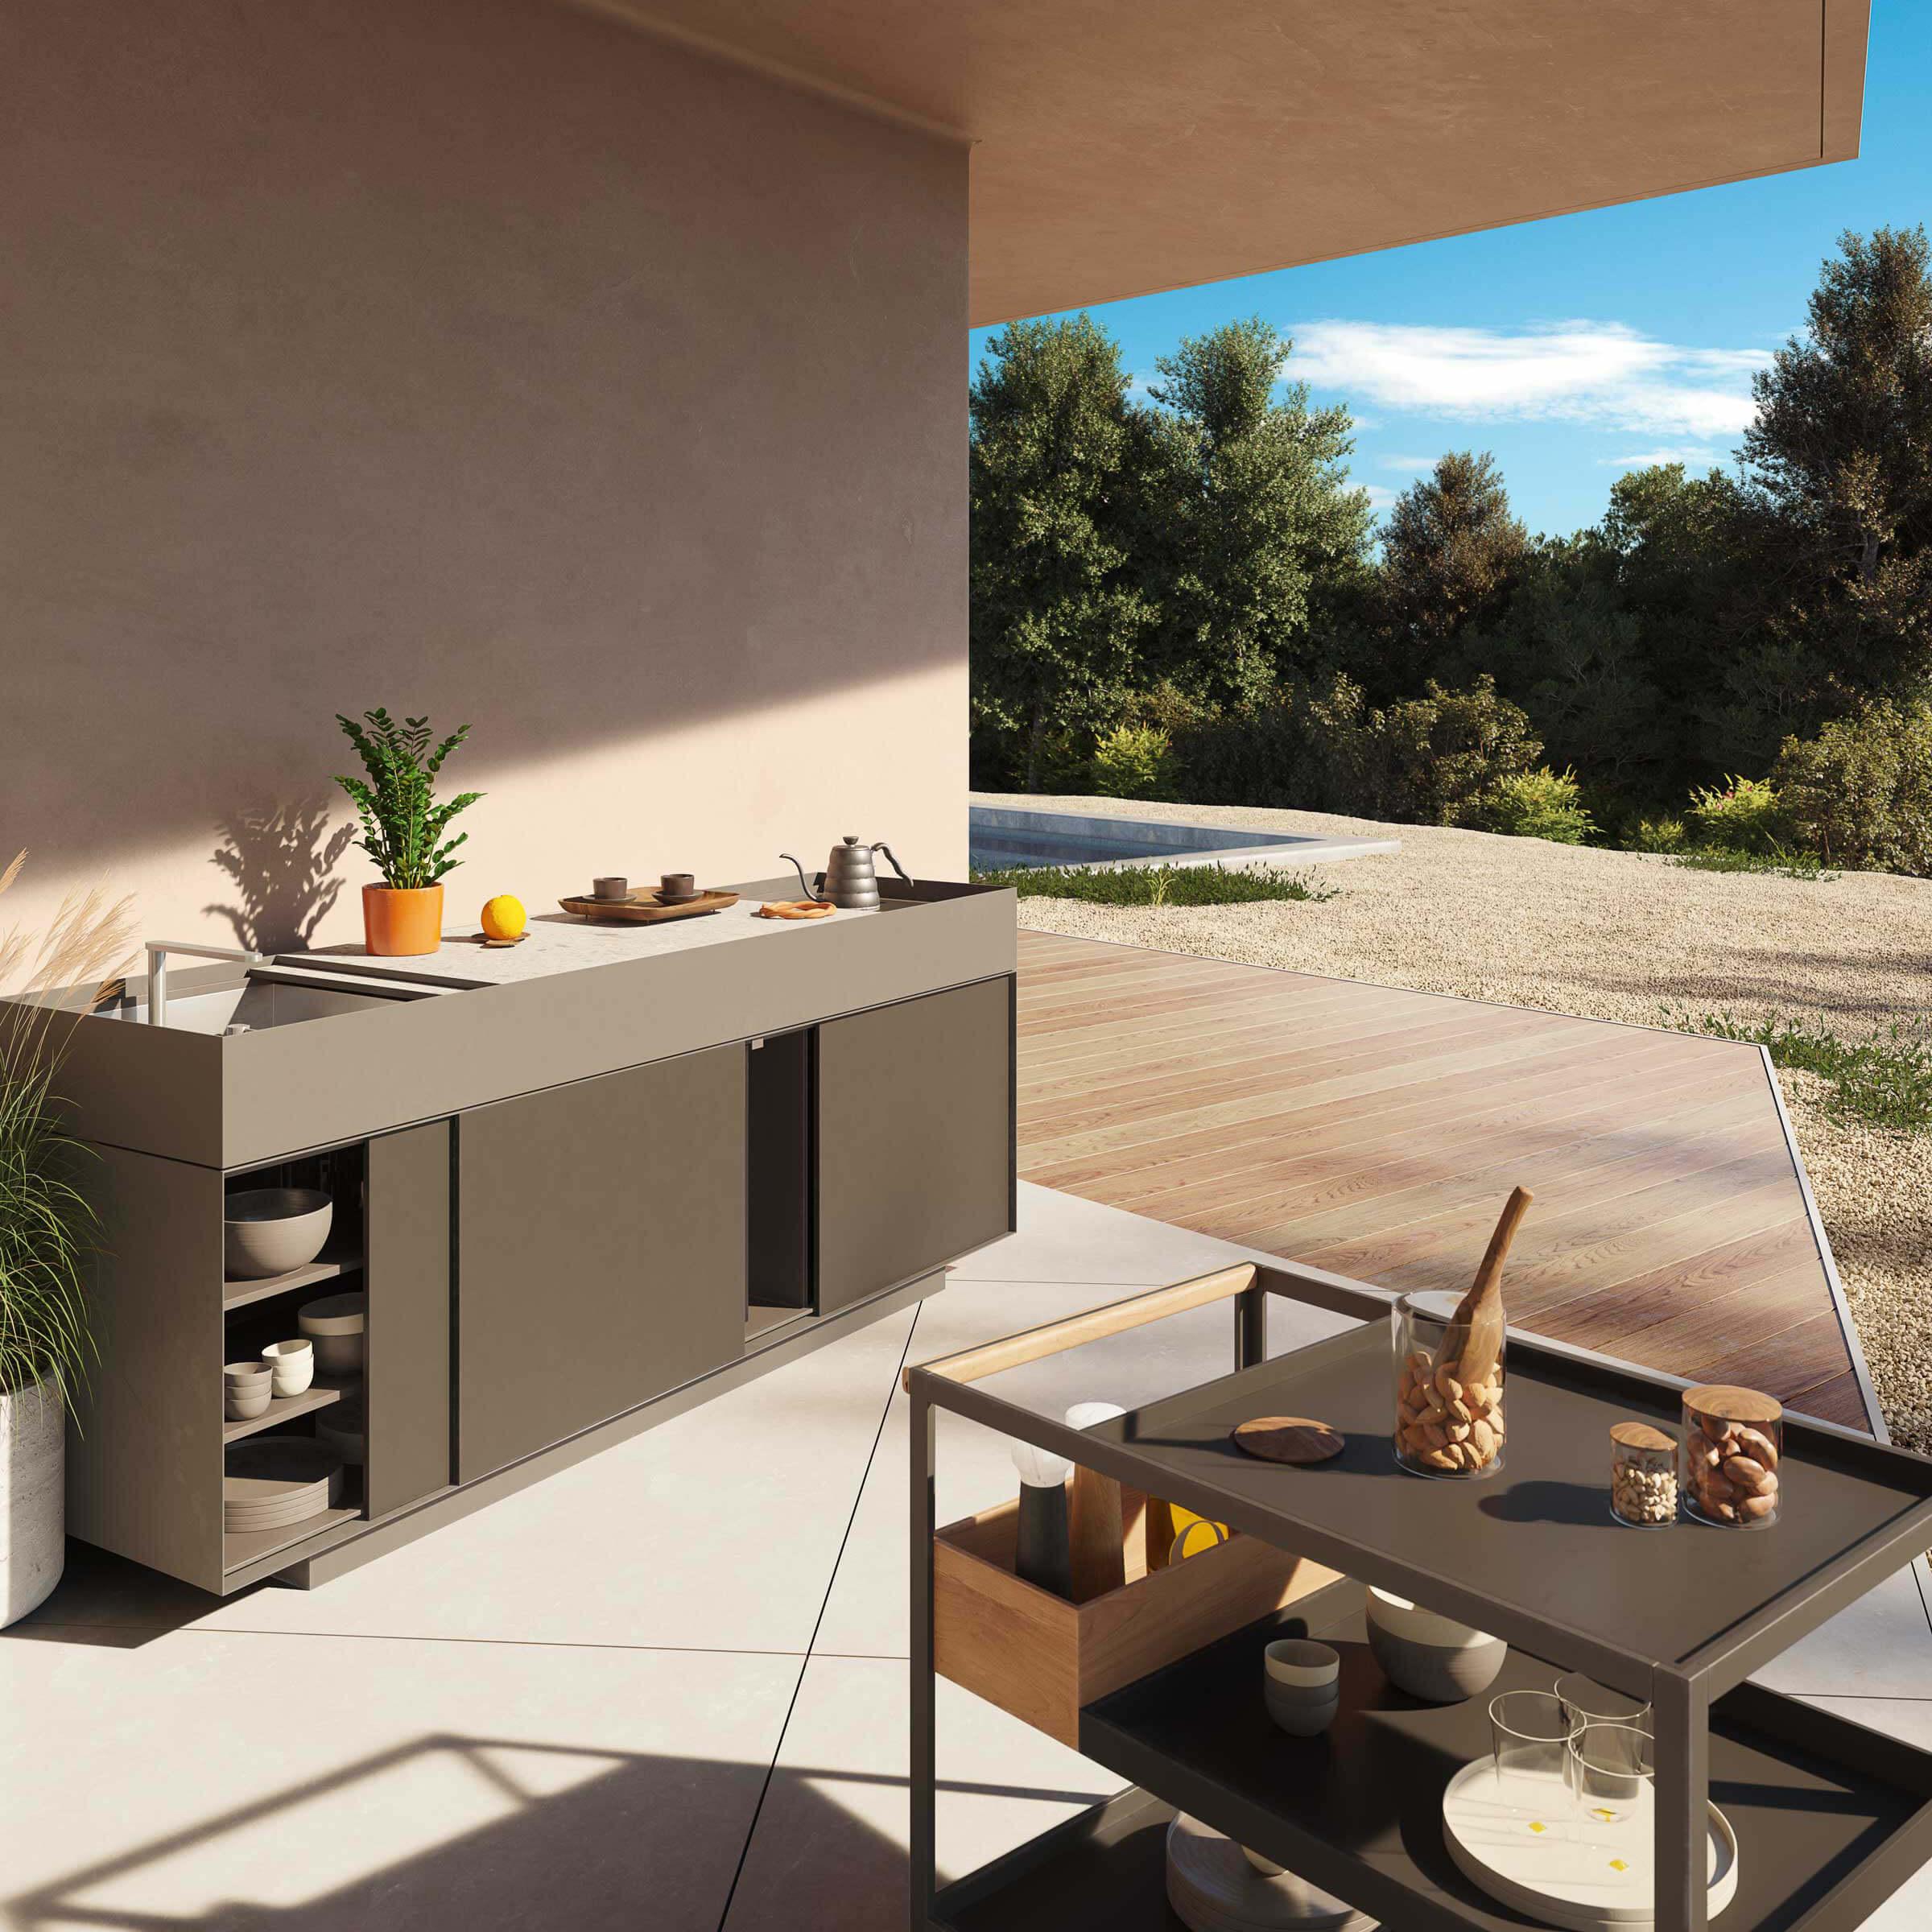 1707_0_kettal_outdoor_kitchen_21b_SQ.jpg